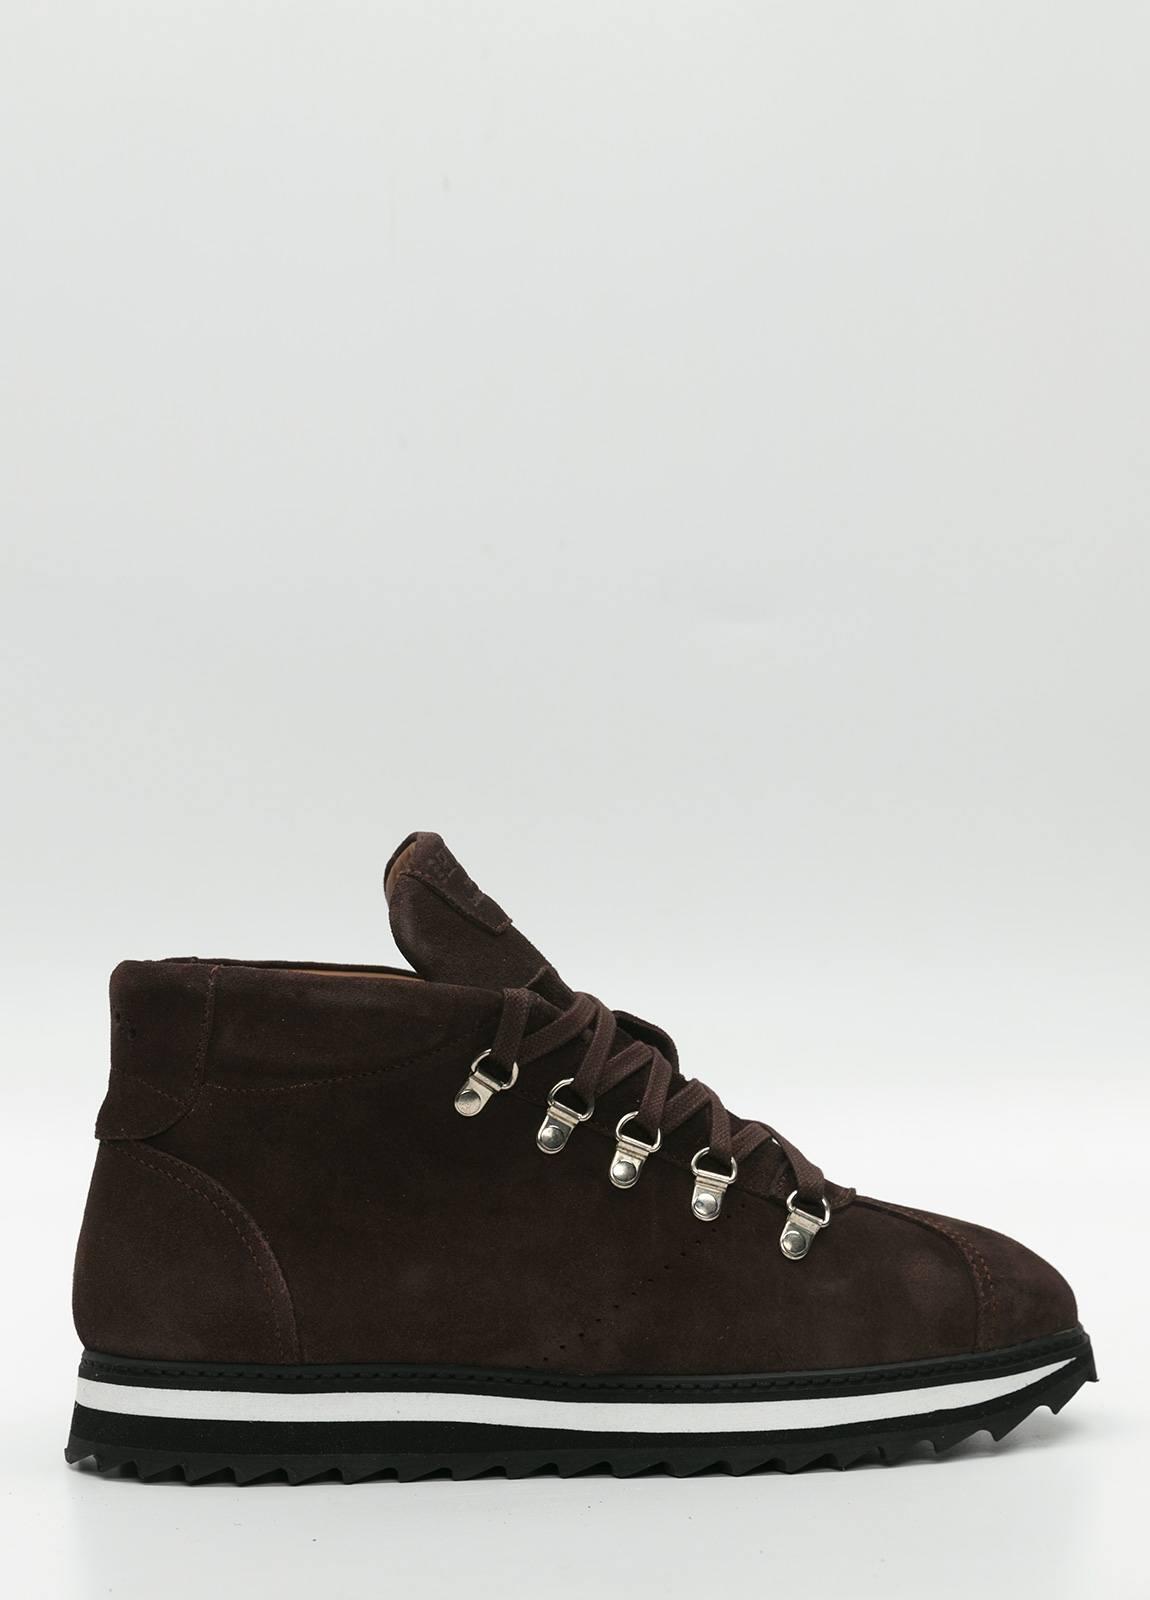 Bota sport de cordones, color marrón oscuro. 100% Piel Ante.